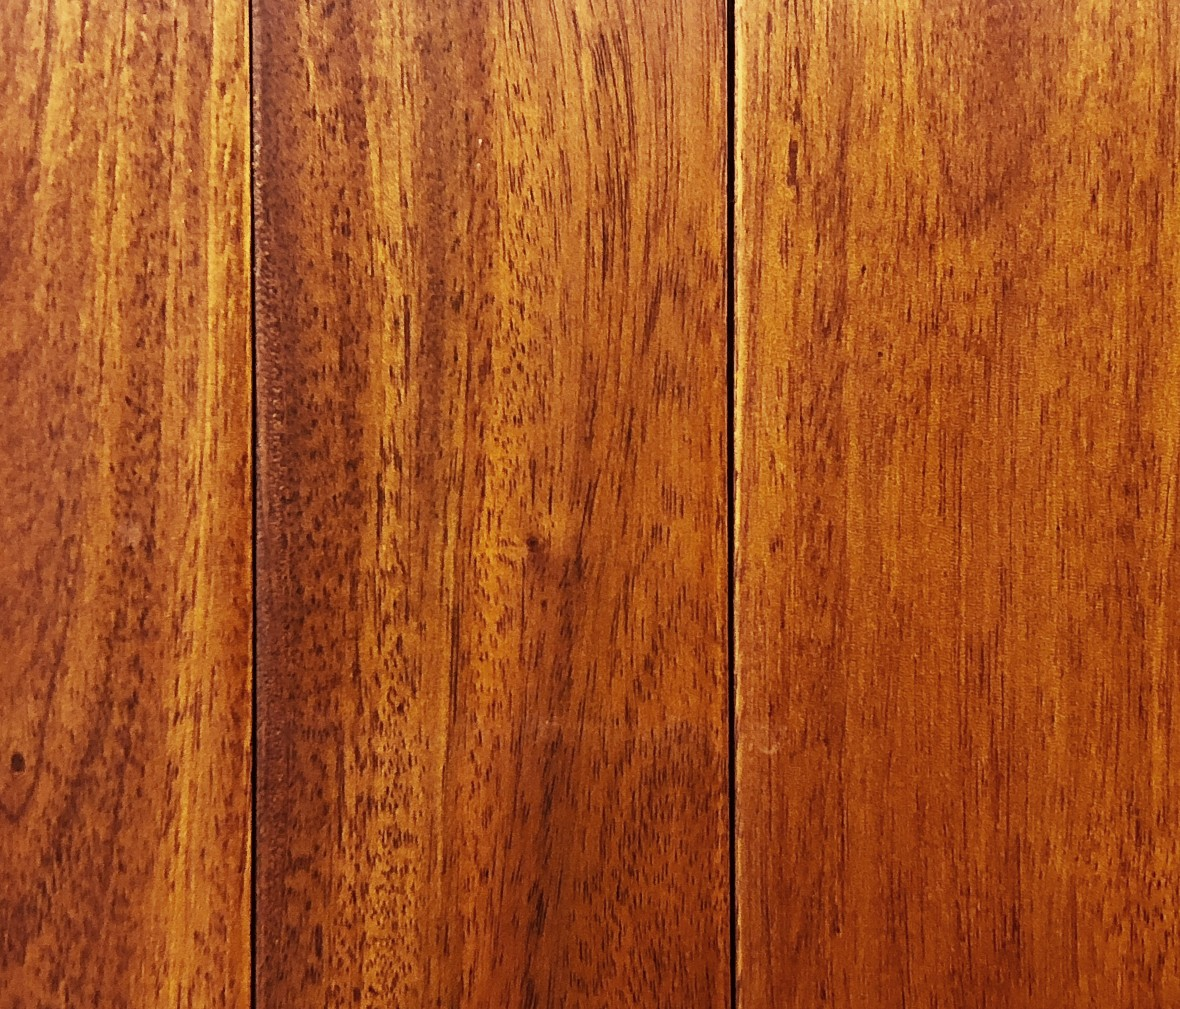 安信地板 桃花芯型号实木地板 桃花芯木材质家用木地板 图片、价格、品牌、评测样样齐全!【蓝景商城正品行货,蓝景丽家大钟寺家居广场提货,北京地区配送,领券更优惠,线上线下同品同价,立即购买享受更多优惠哦!】